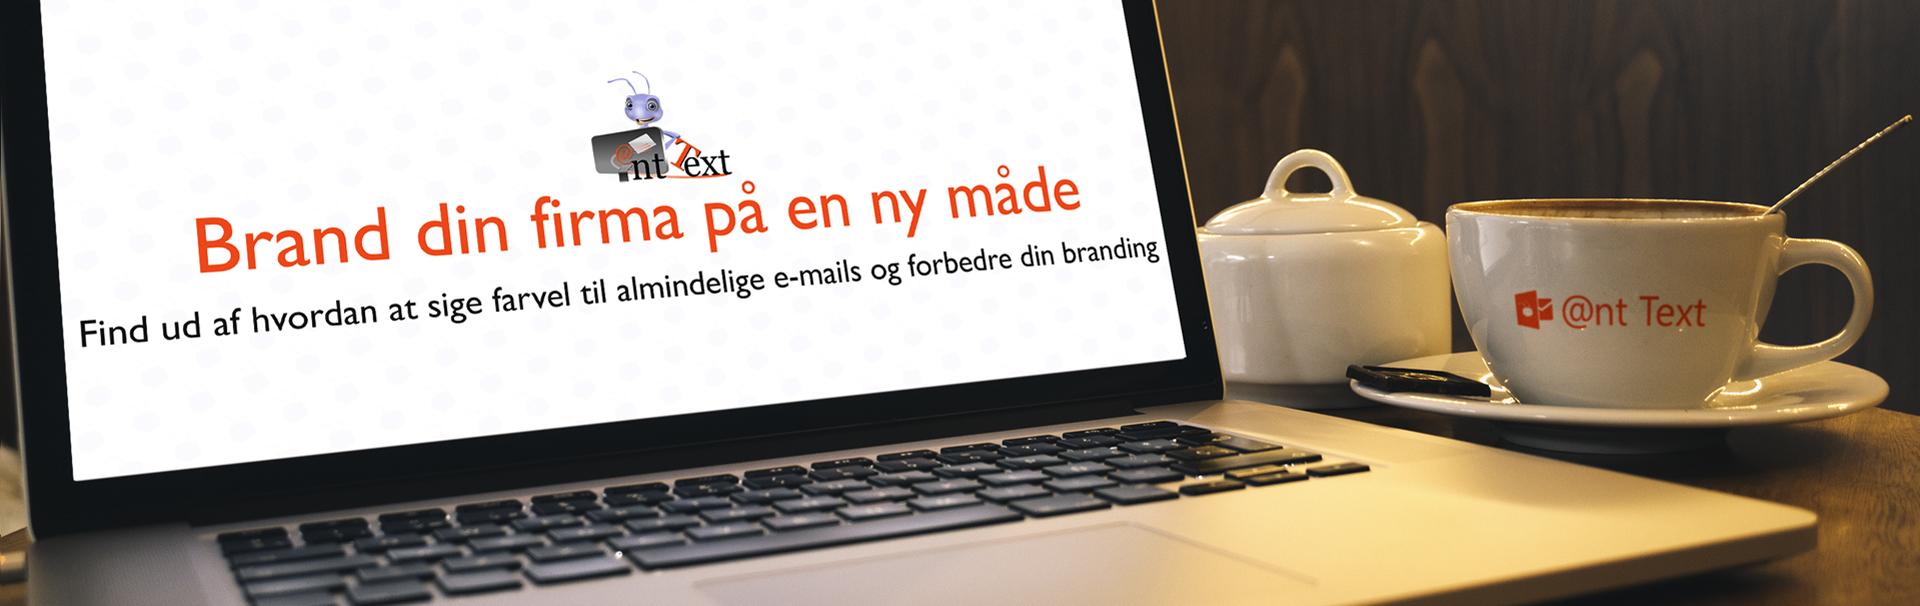 Header med skrivebord computer og kaffekop - tekst brand dit firma på en ny måde